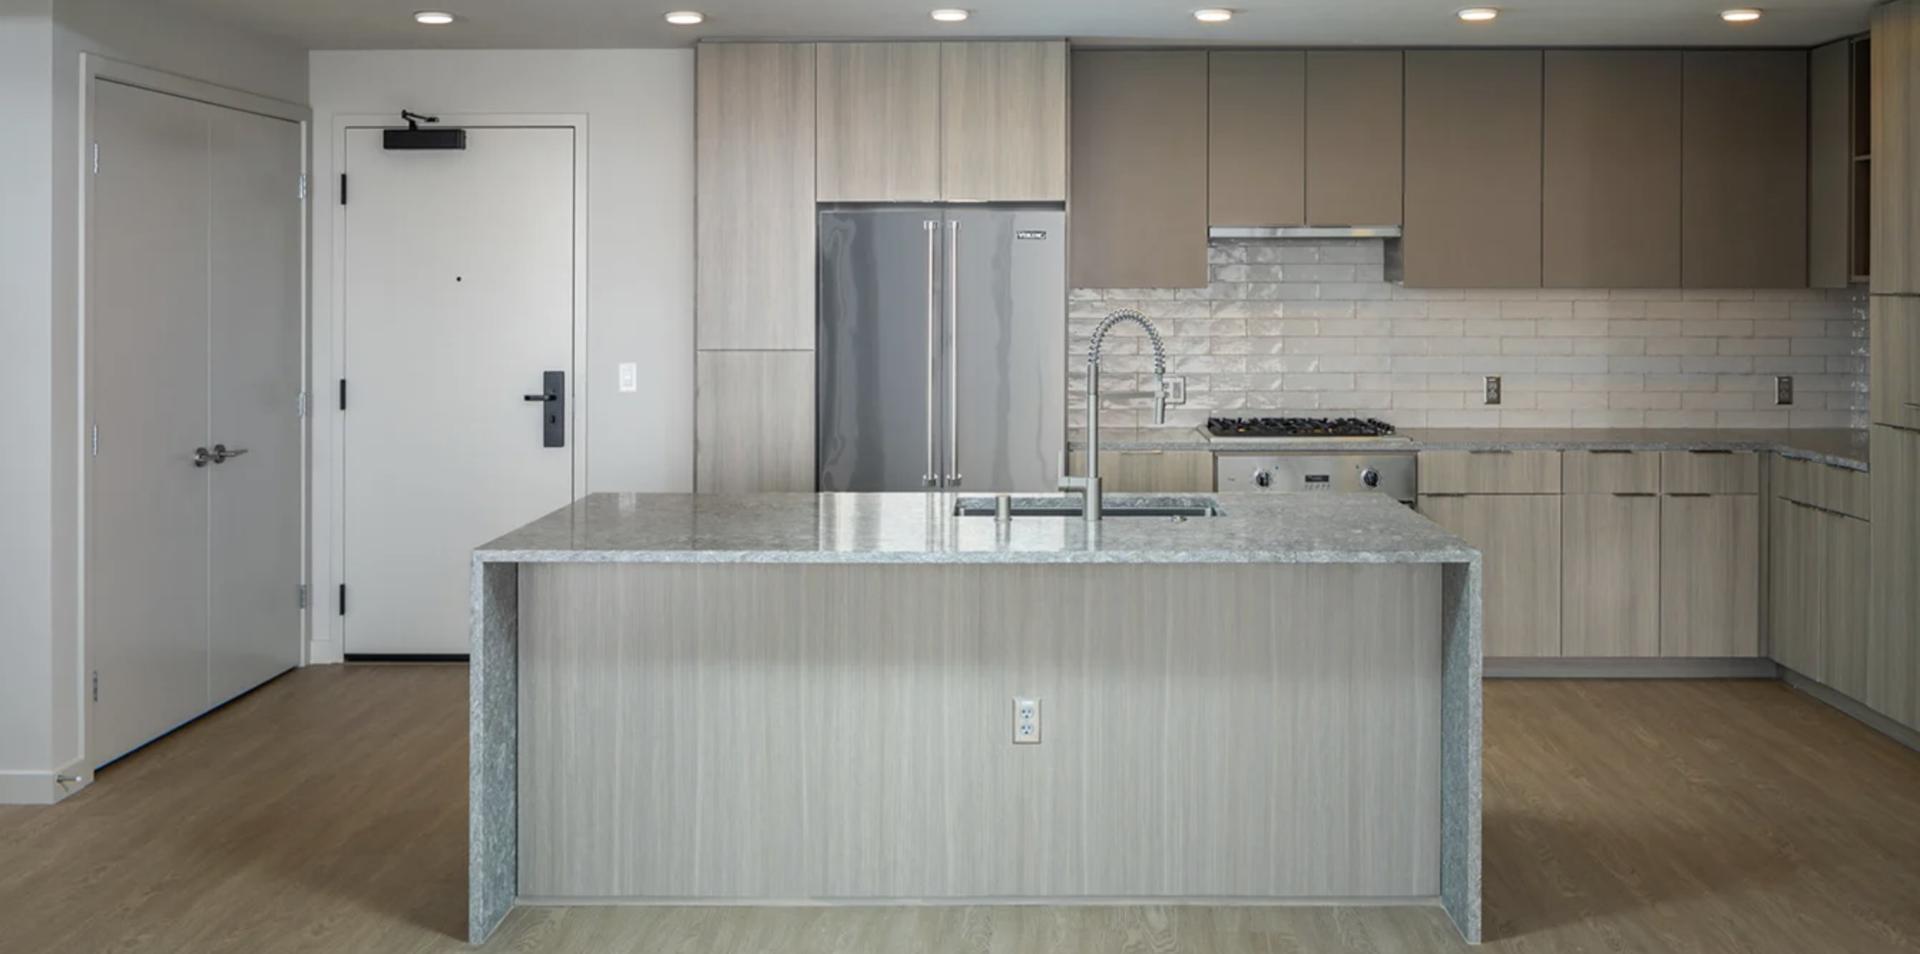 601 11th Avenue #1101, San Diego, CA - $3,685 USD/ month